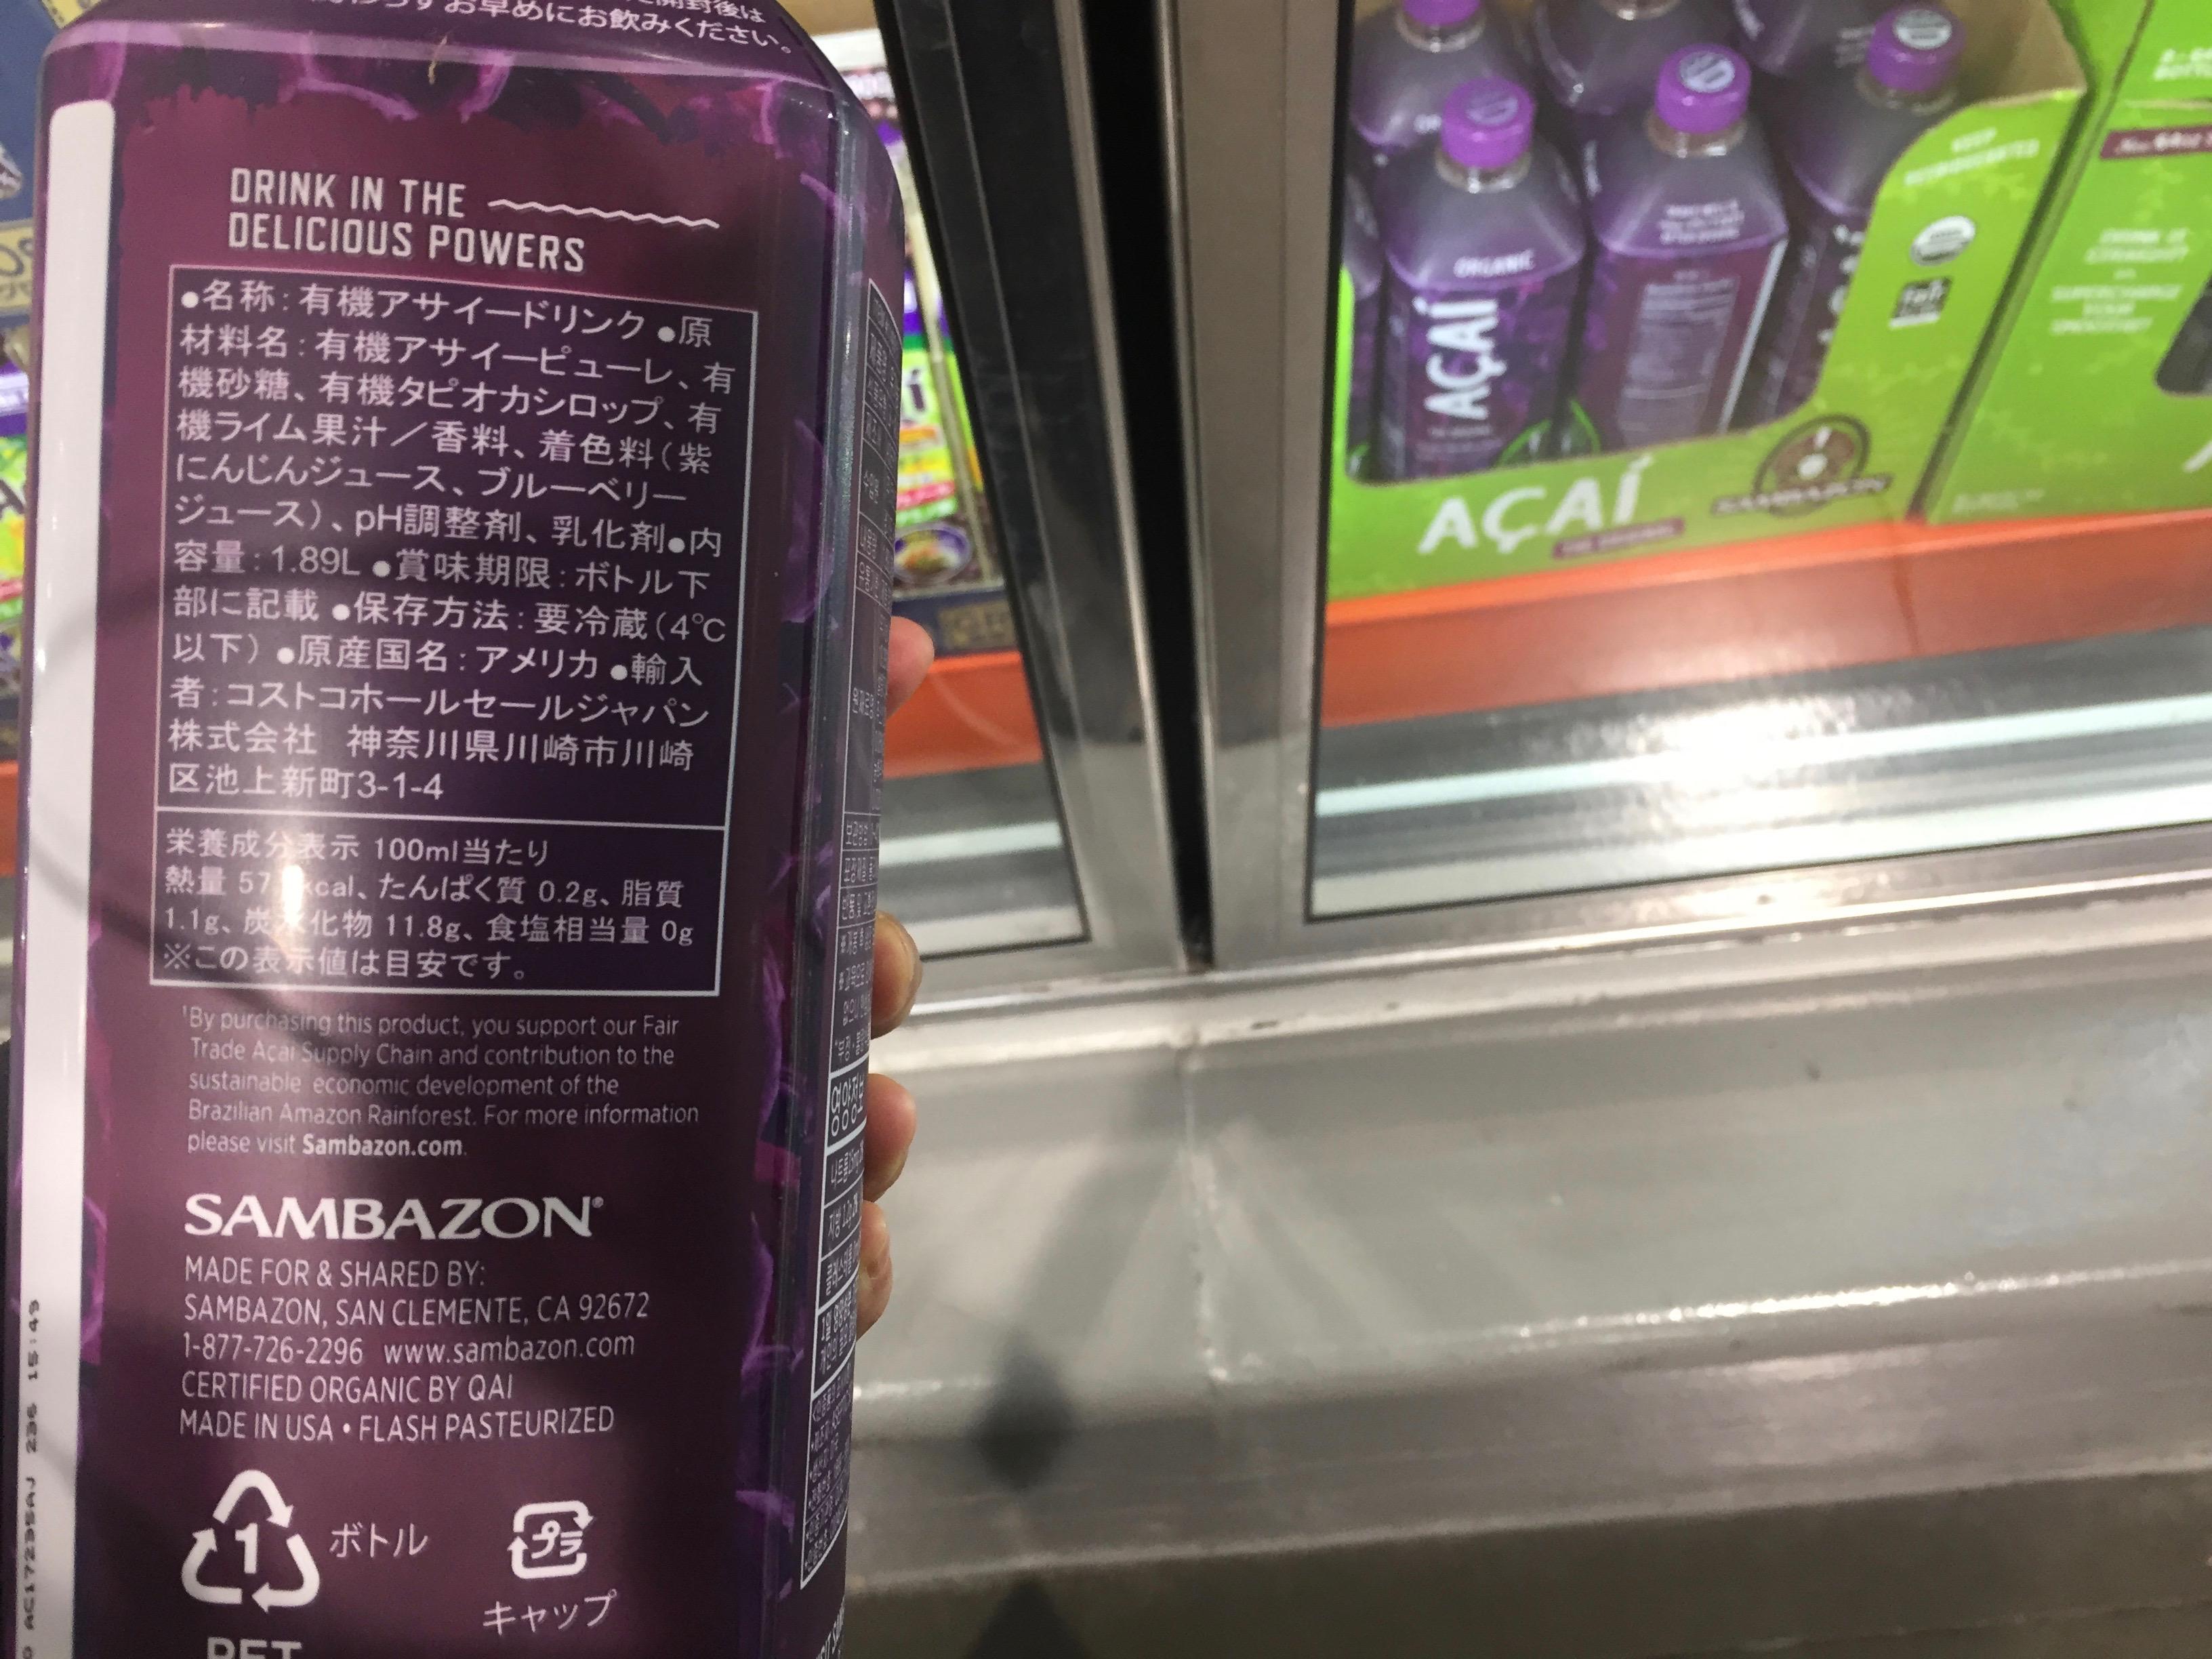 コストコアサイージュース栄養成分表示